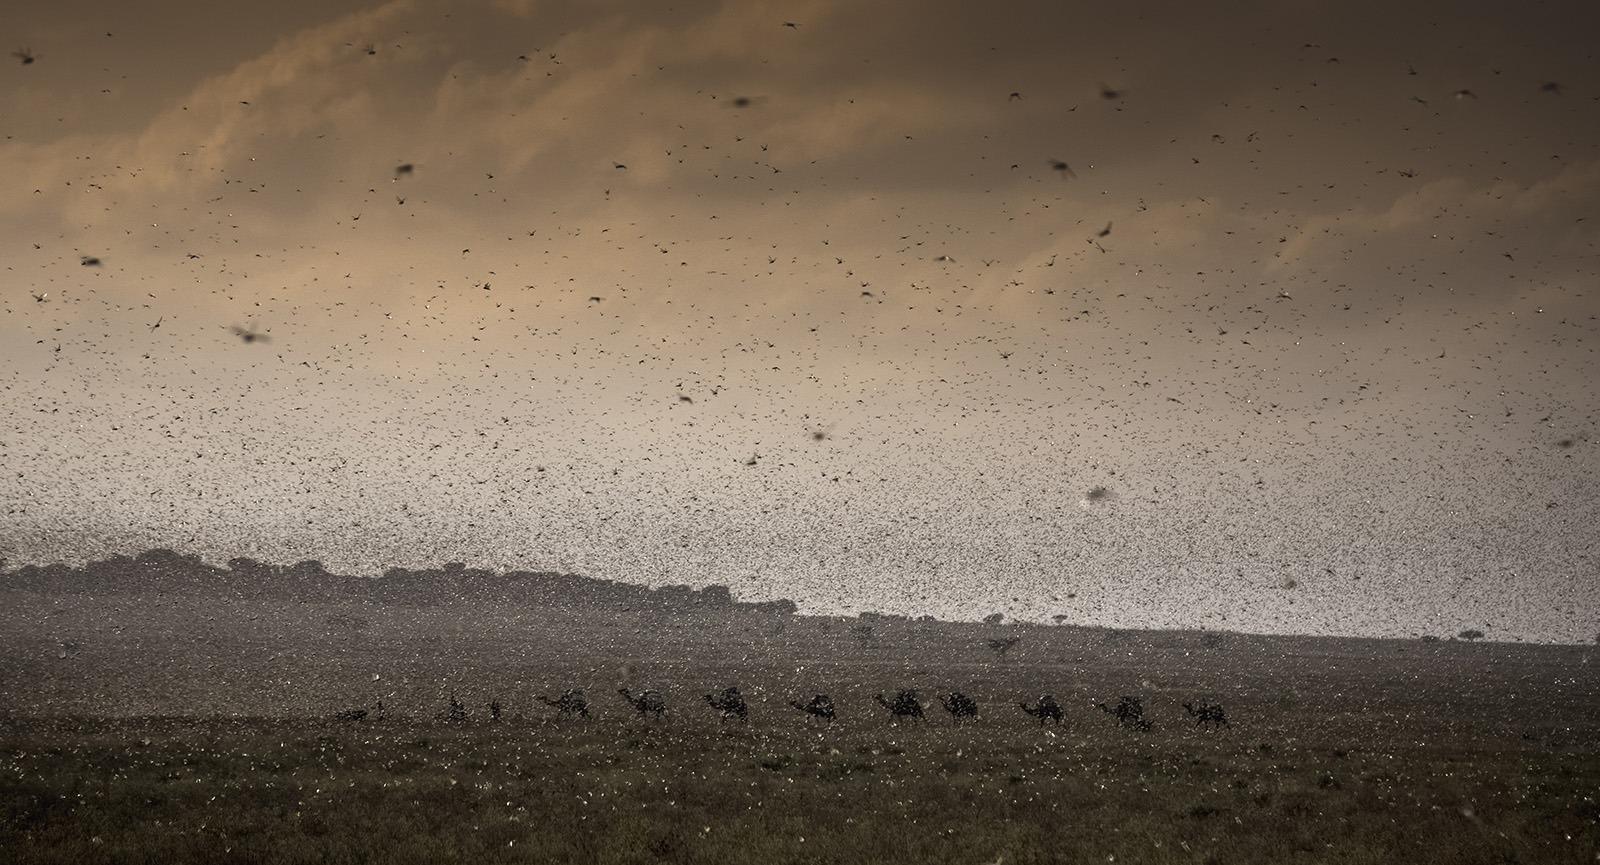 Färben den Himmel schwarz: Schwärme der Wüstenheuschrecke verdunkeln den Himmel über Äthiopien. (©FAO/Petterik Wiggers)